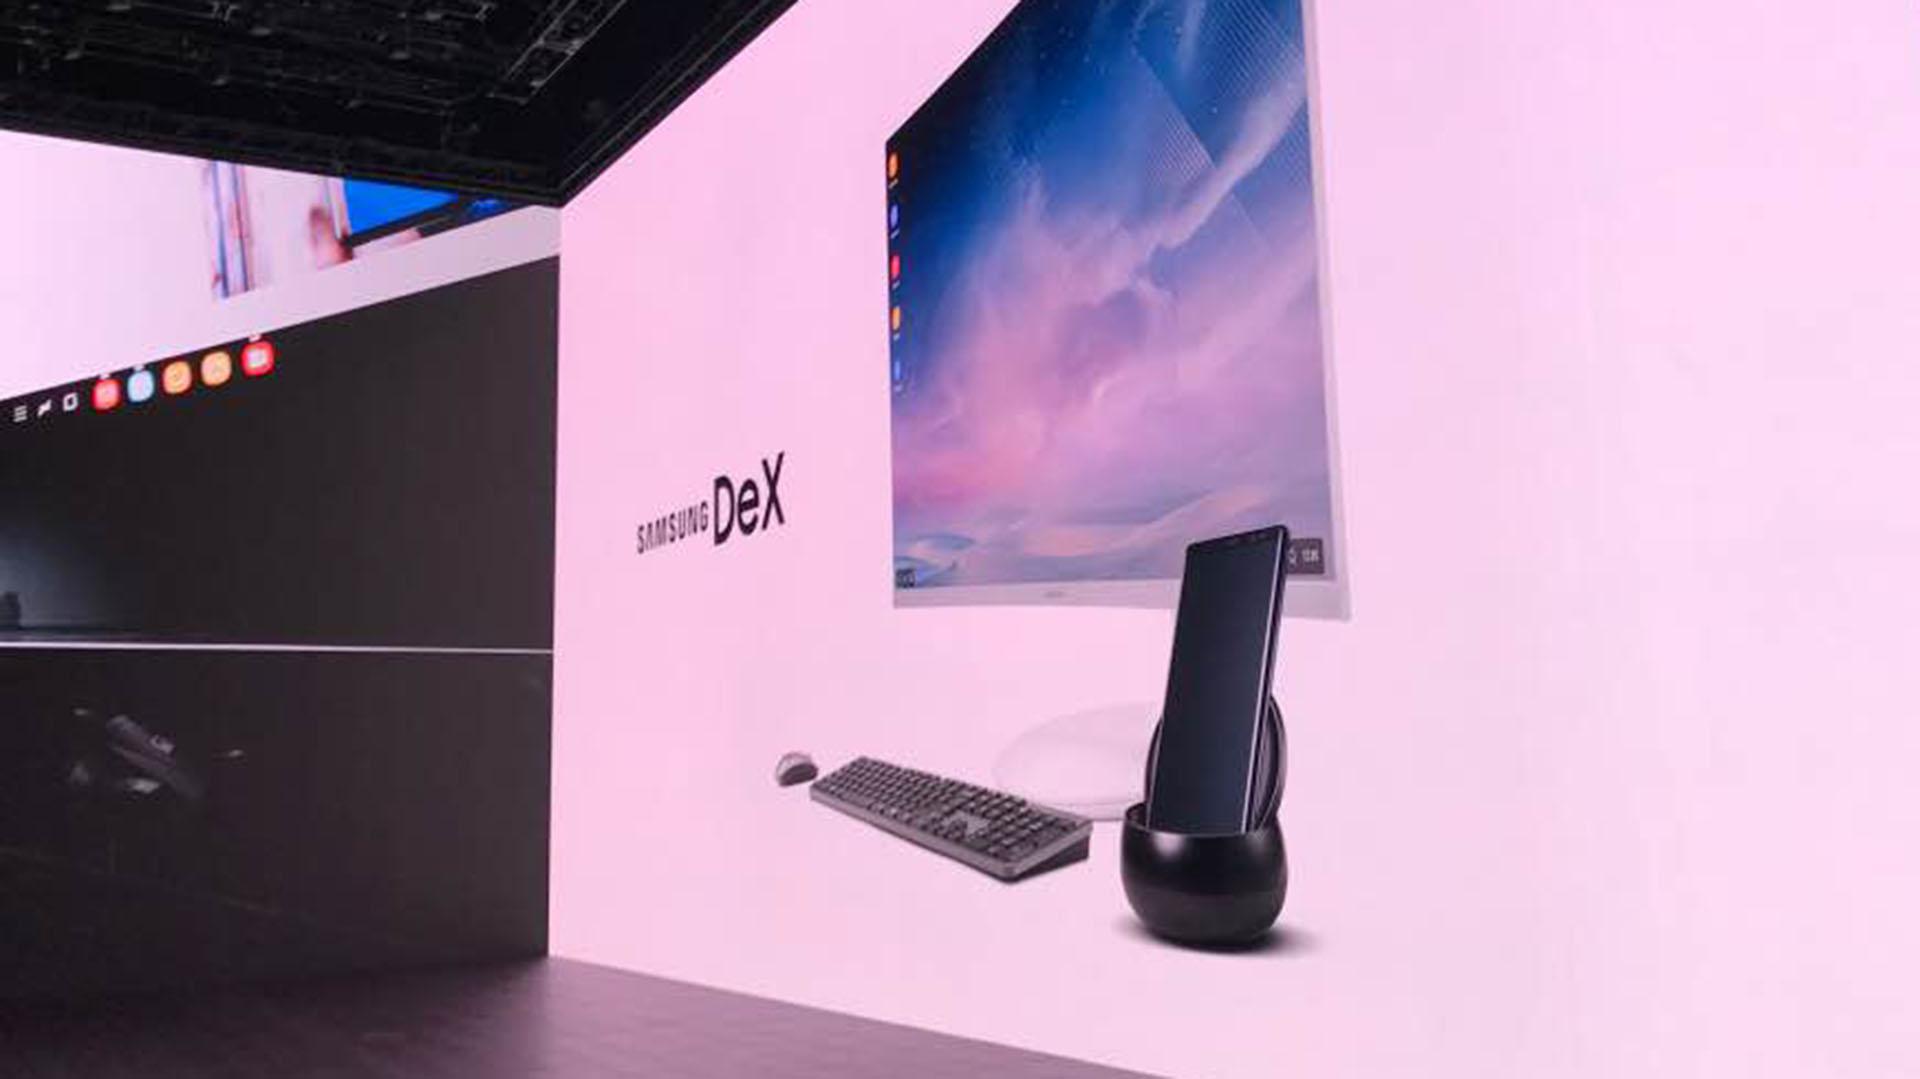 El Note 8 incluirá también un dispositivo de carga inalámbrica y se podrá conectar fácilmente con otra computadora para utilizar el dispositivo desde una pantalla más grande